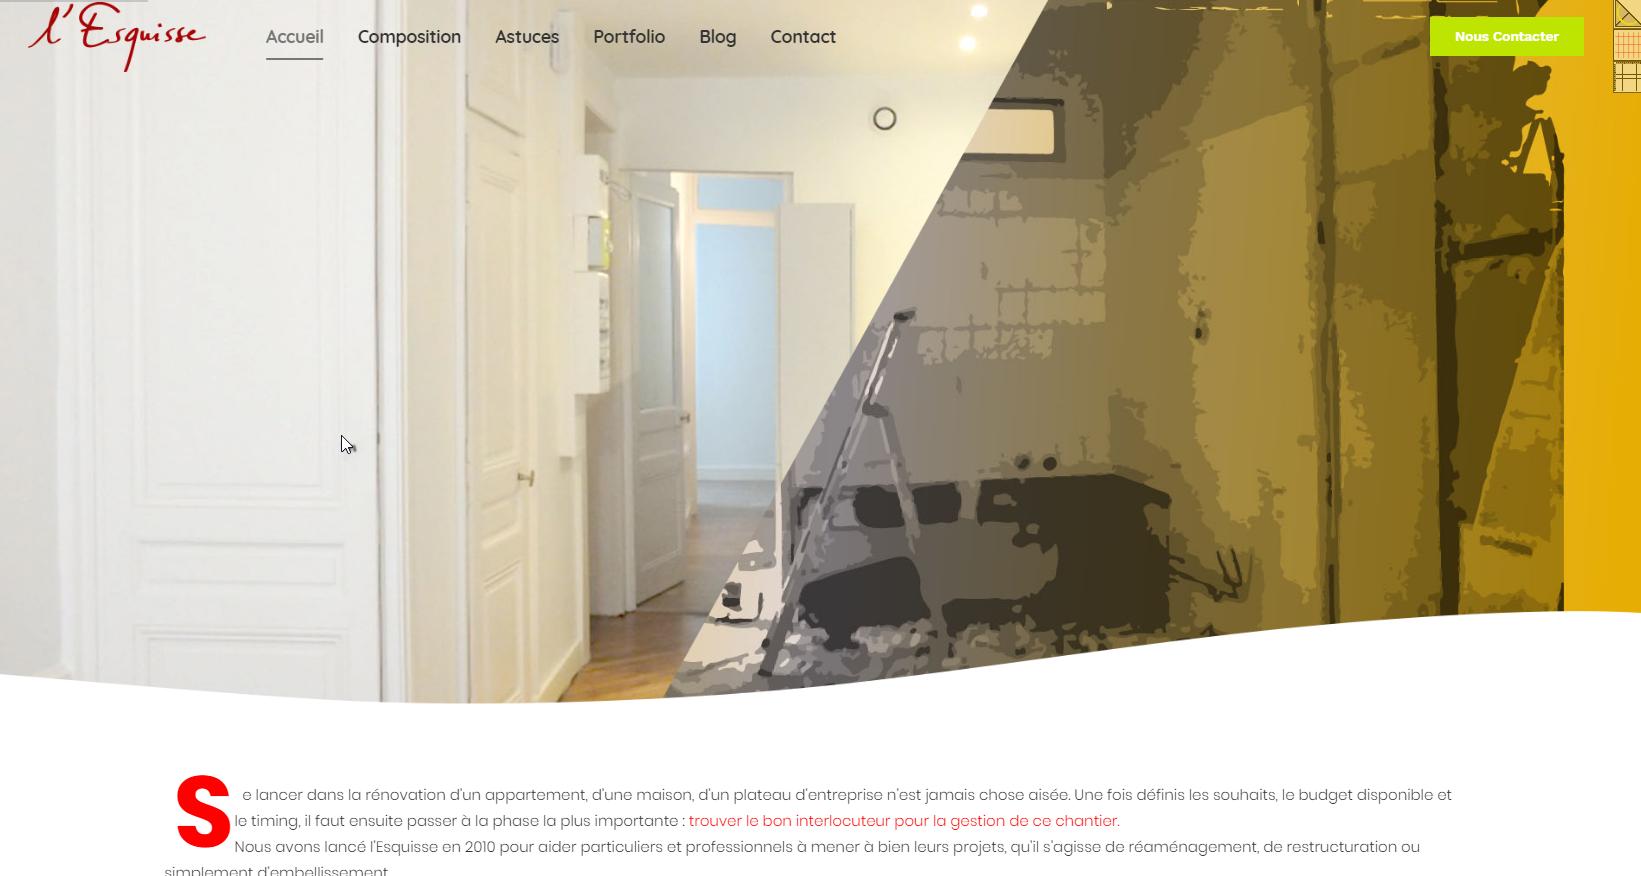 L'Esquisse _ Maîtrise d'ouvrage pour projets de rénovation ou de réaménagements- Lyon-Fbmediaworks- création site internet Lyon